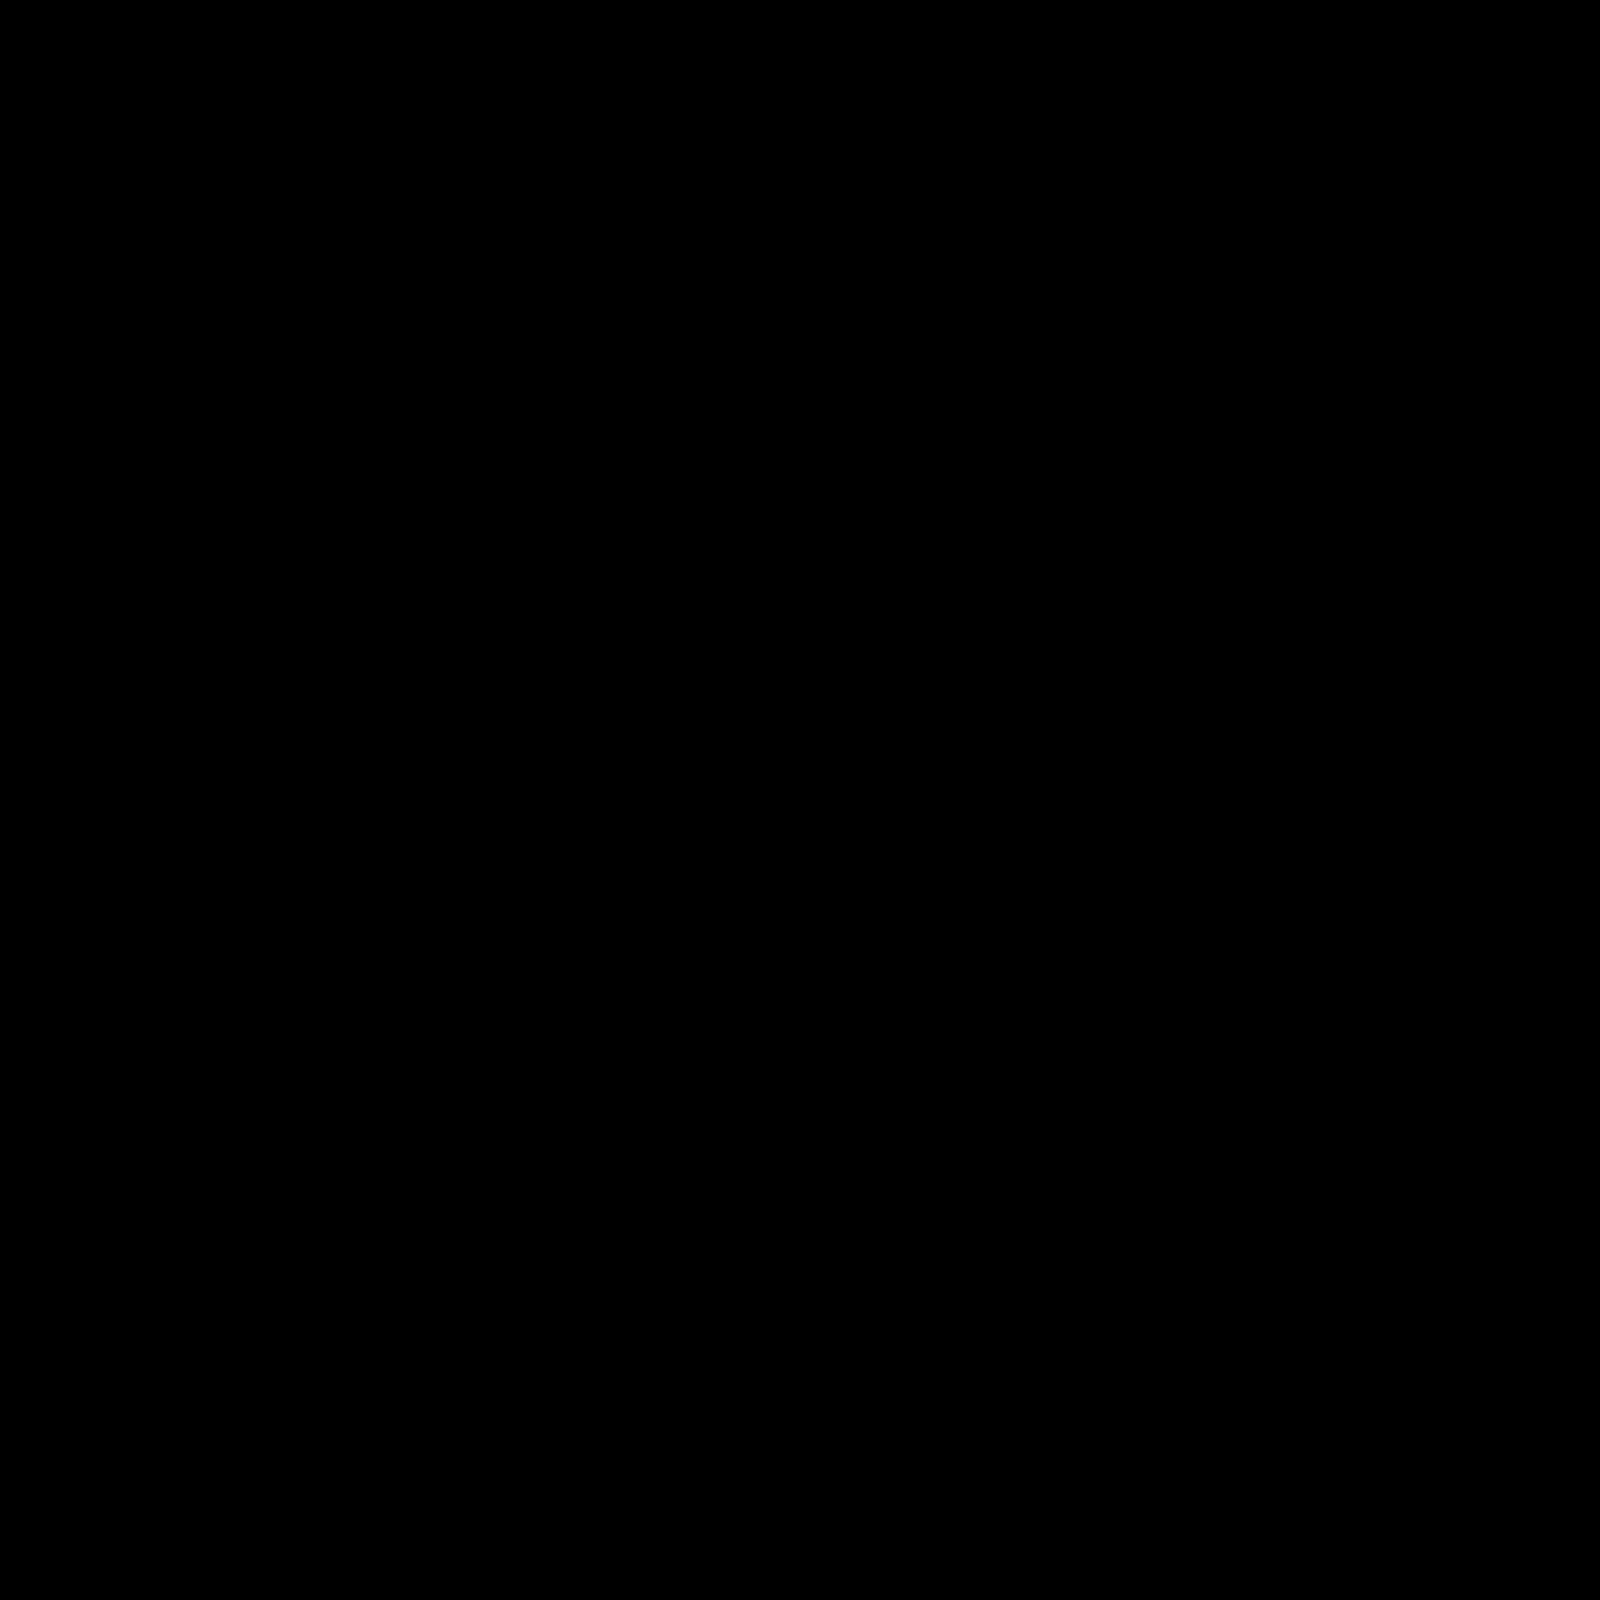 シフト icon